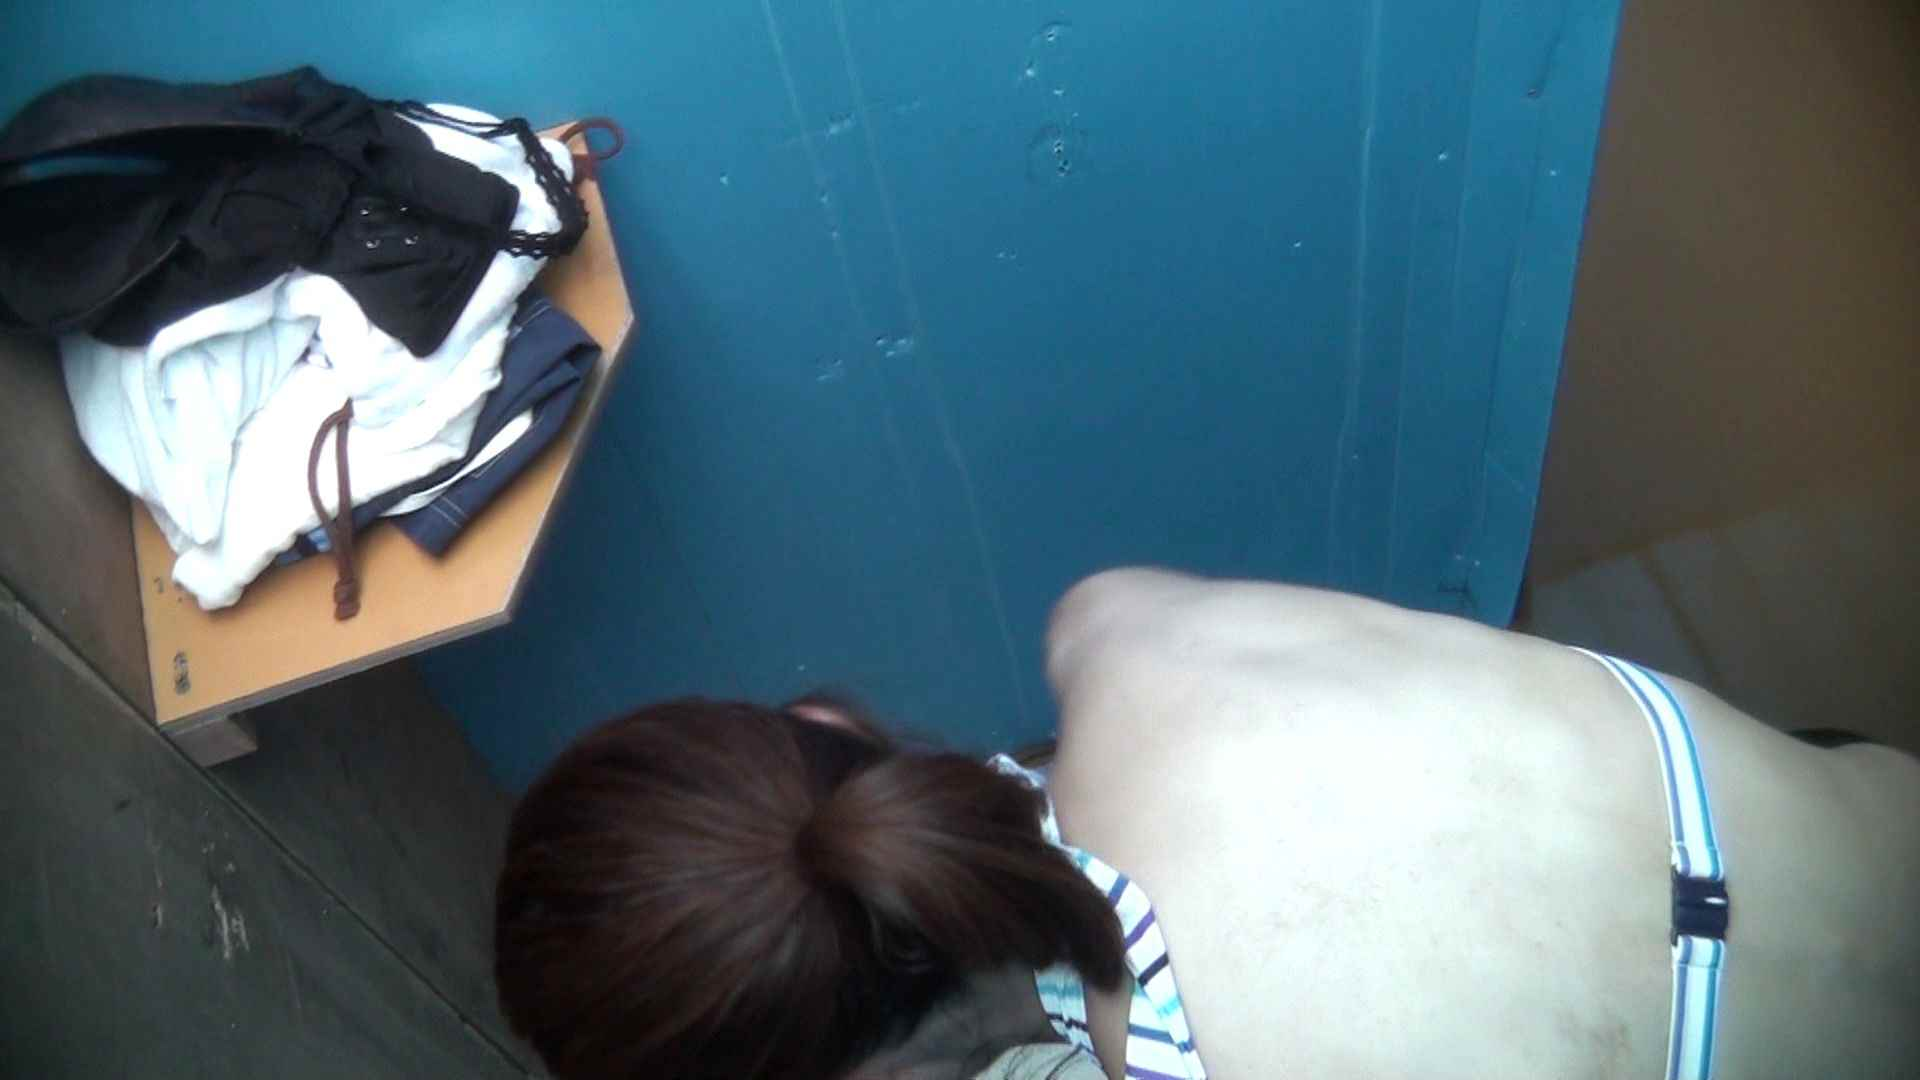 シャワールームは超!!危険な香りVol.27 乳首は一瞬貧乳姉さん 乳首 えろ無修正画像 103pic 83